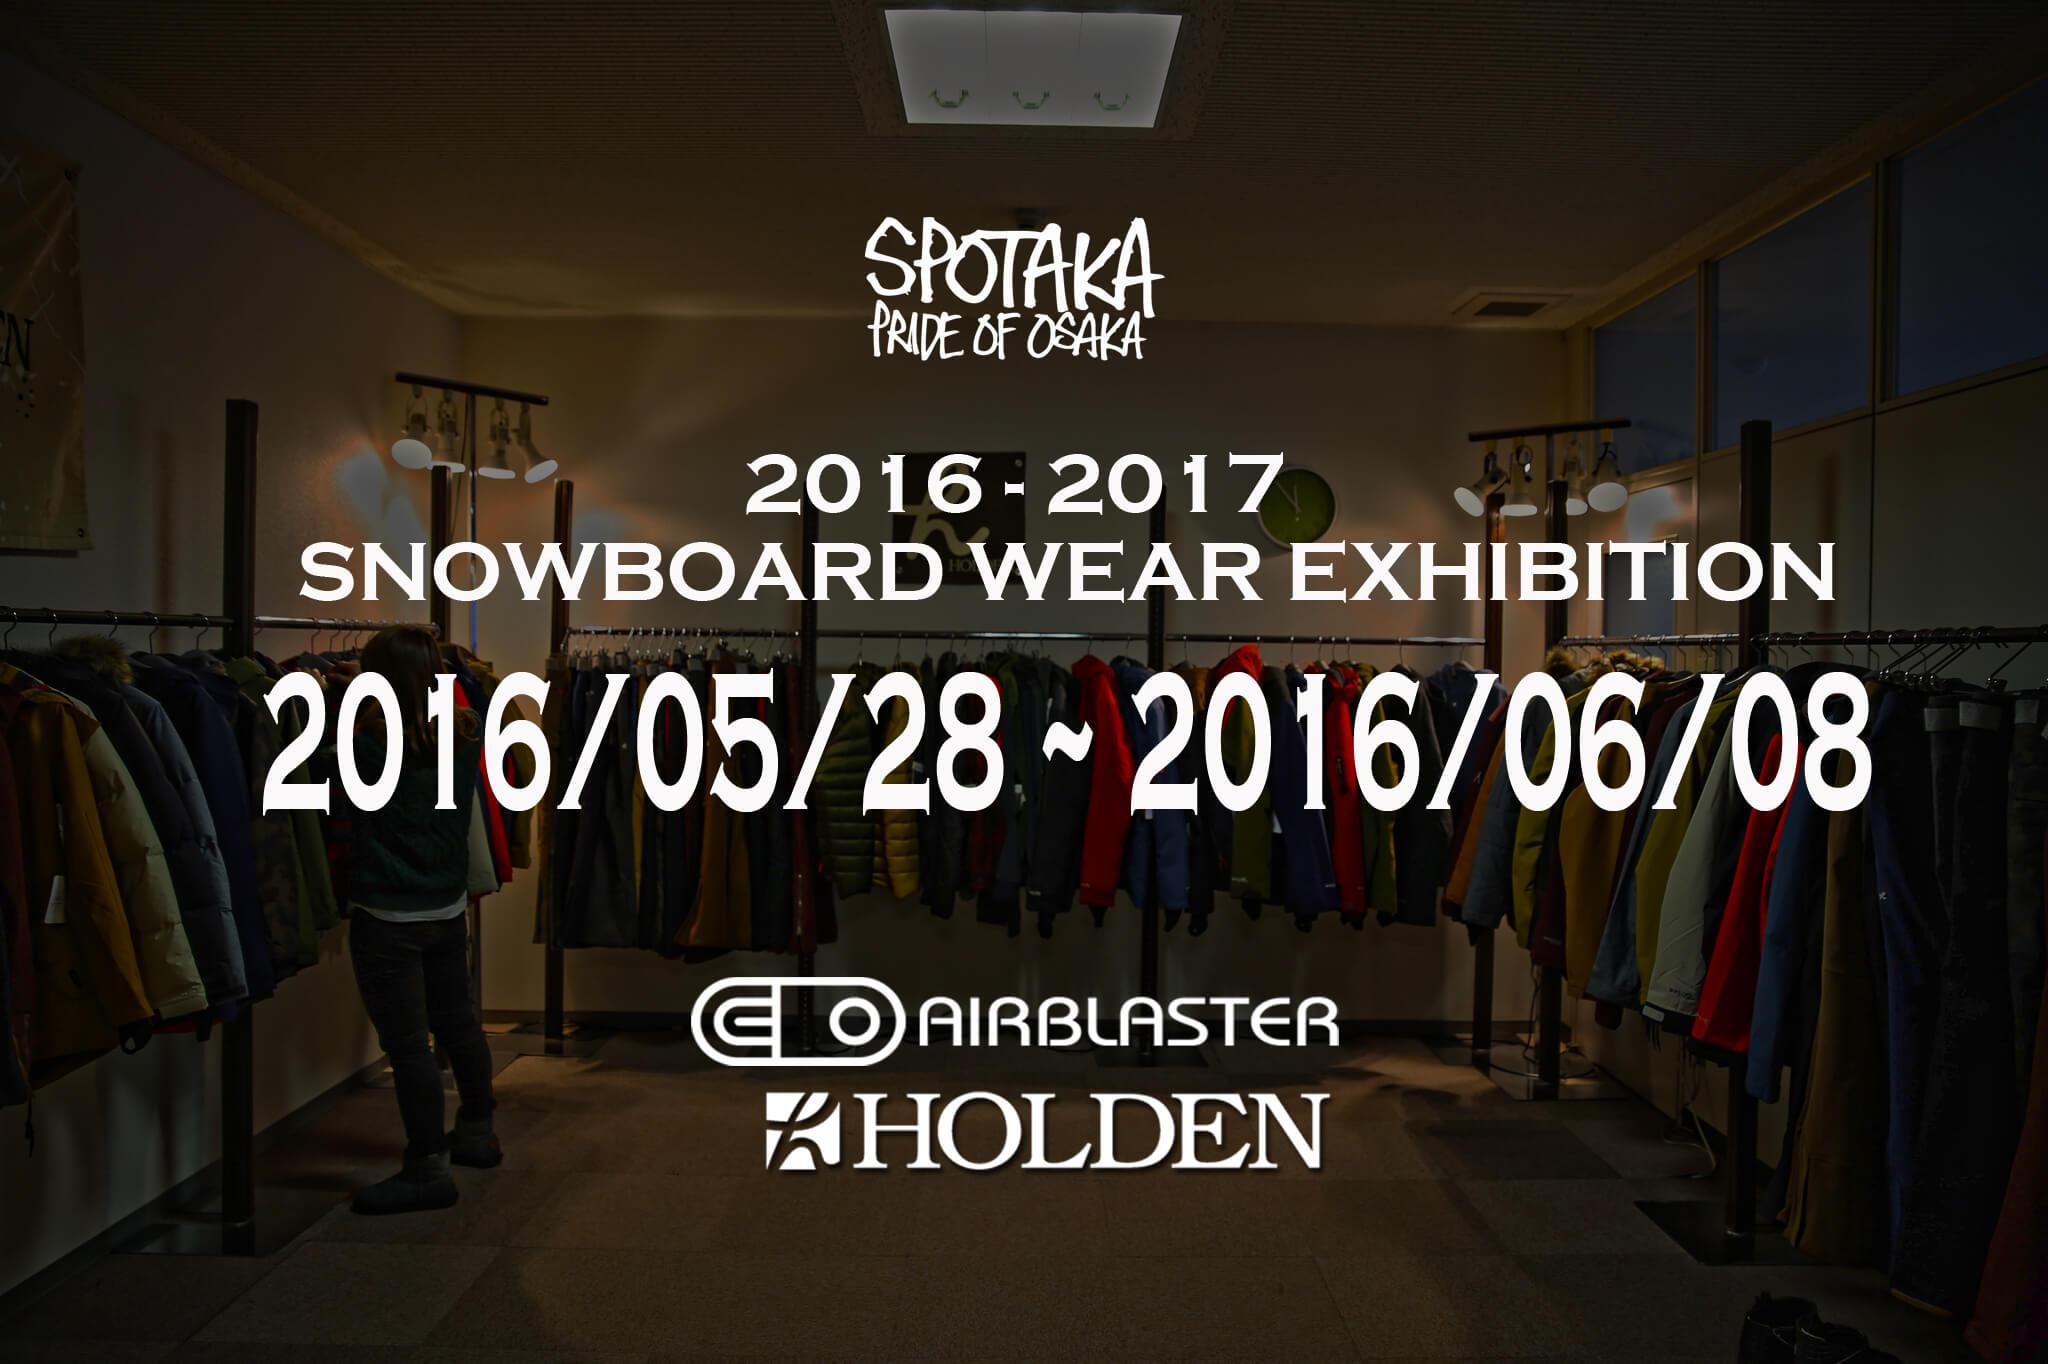 今年の冬準備をはじめよう!スノーボードブランドAIRBLASTER HOLDEN展示会開催決定